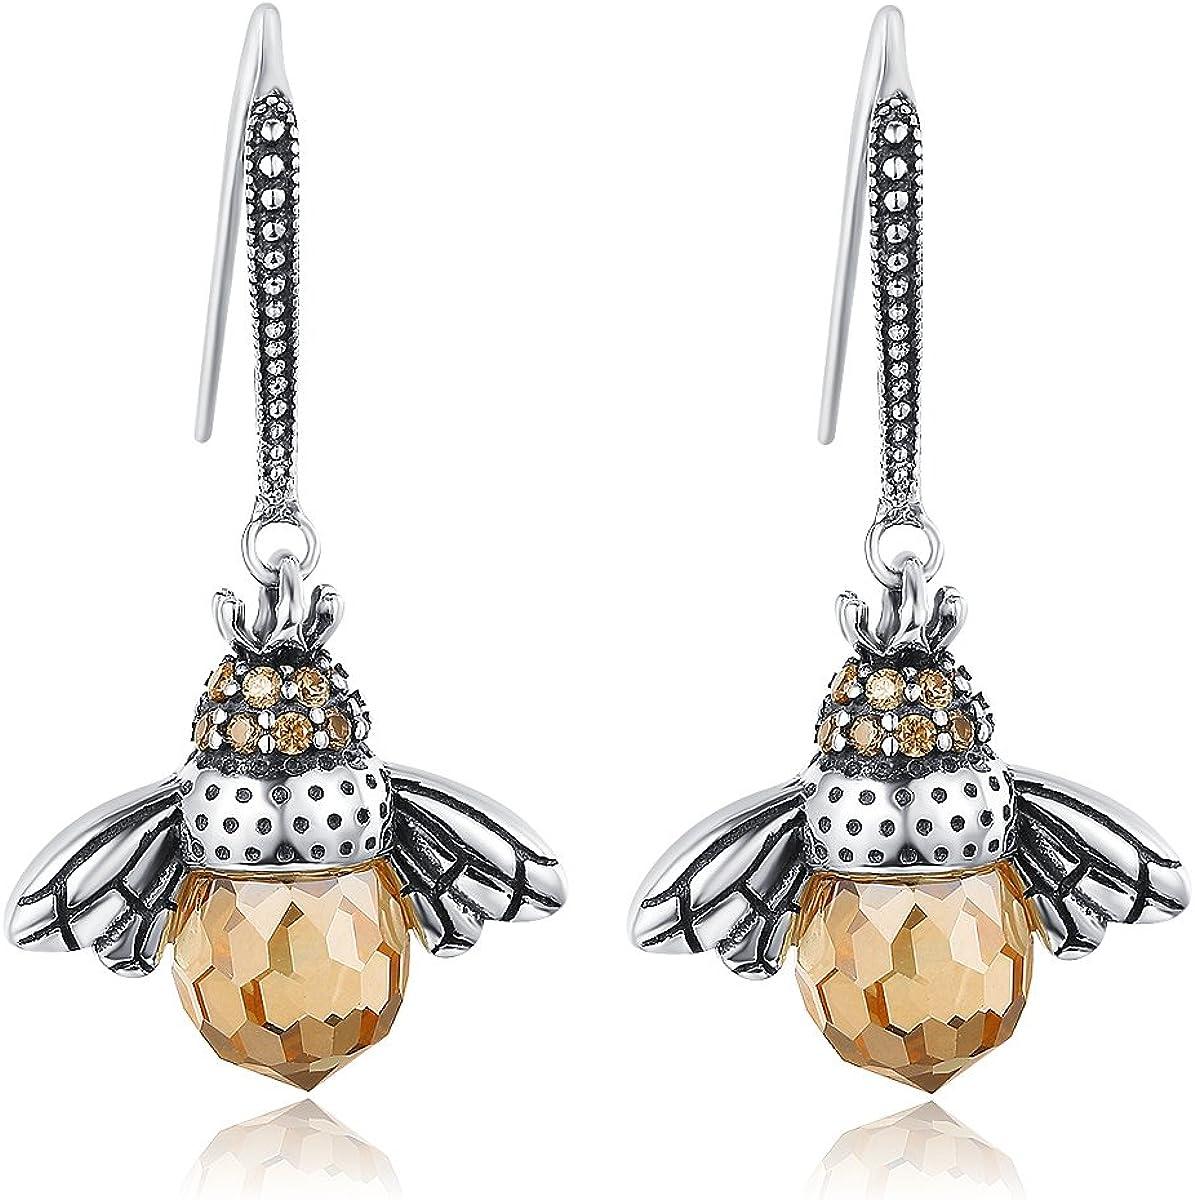 GOXO Sterling Silver Queen Honey Bee Little Bumblebee Pendant Necklace, Honeybee Bracelet